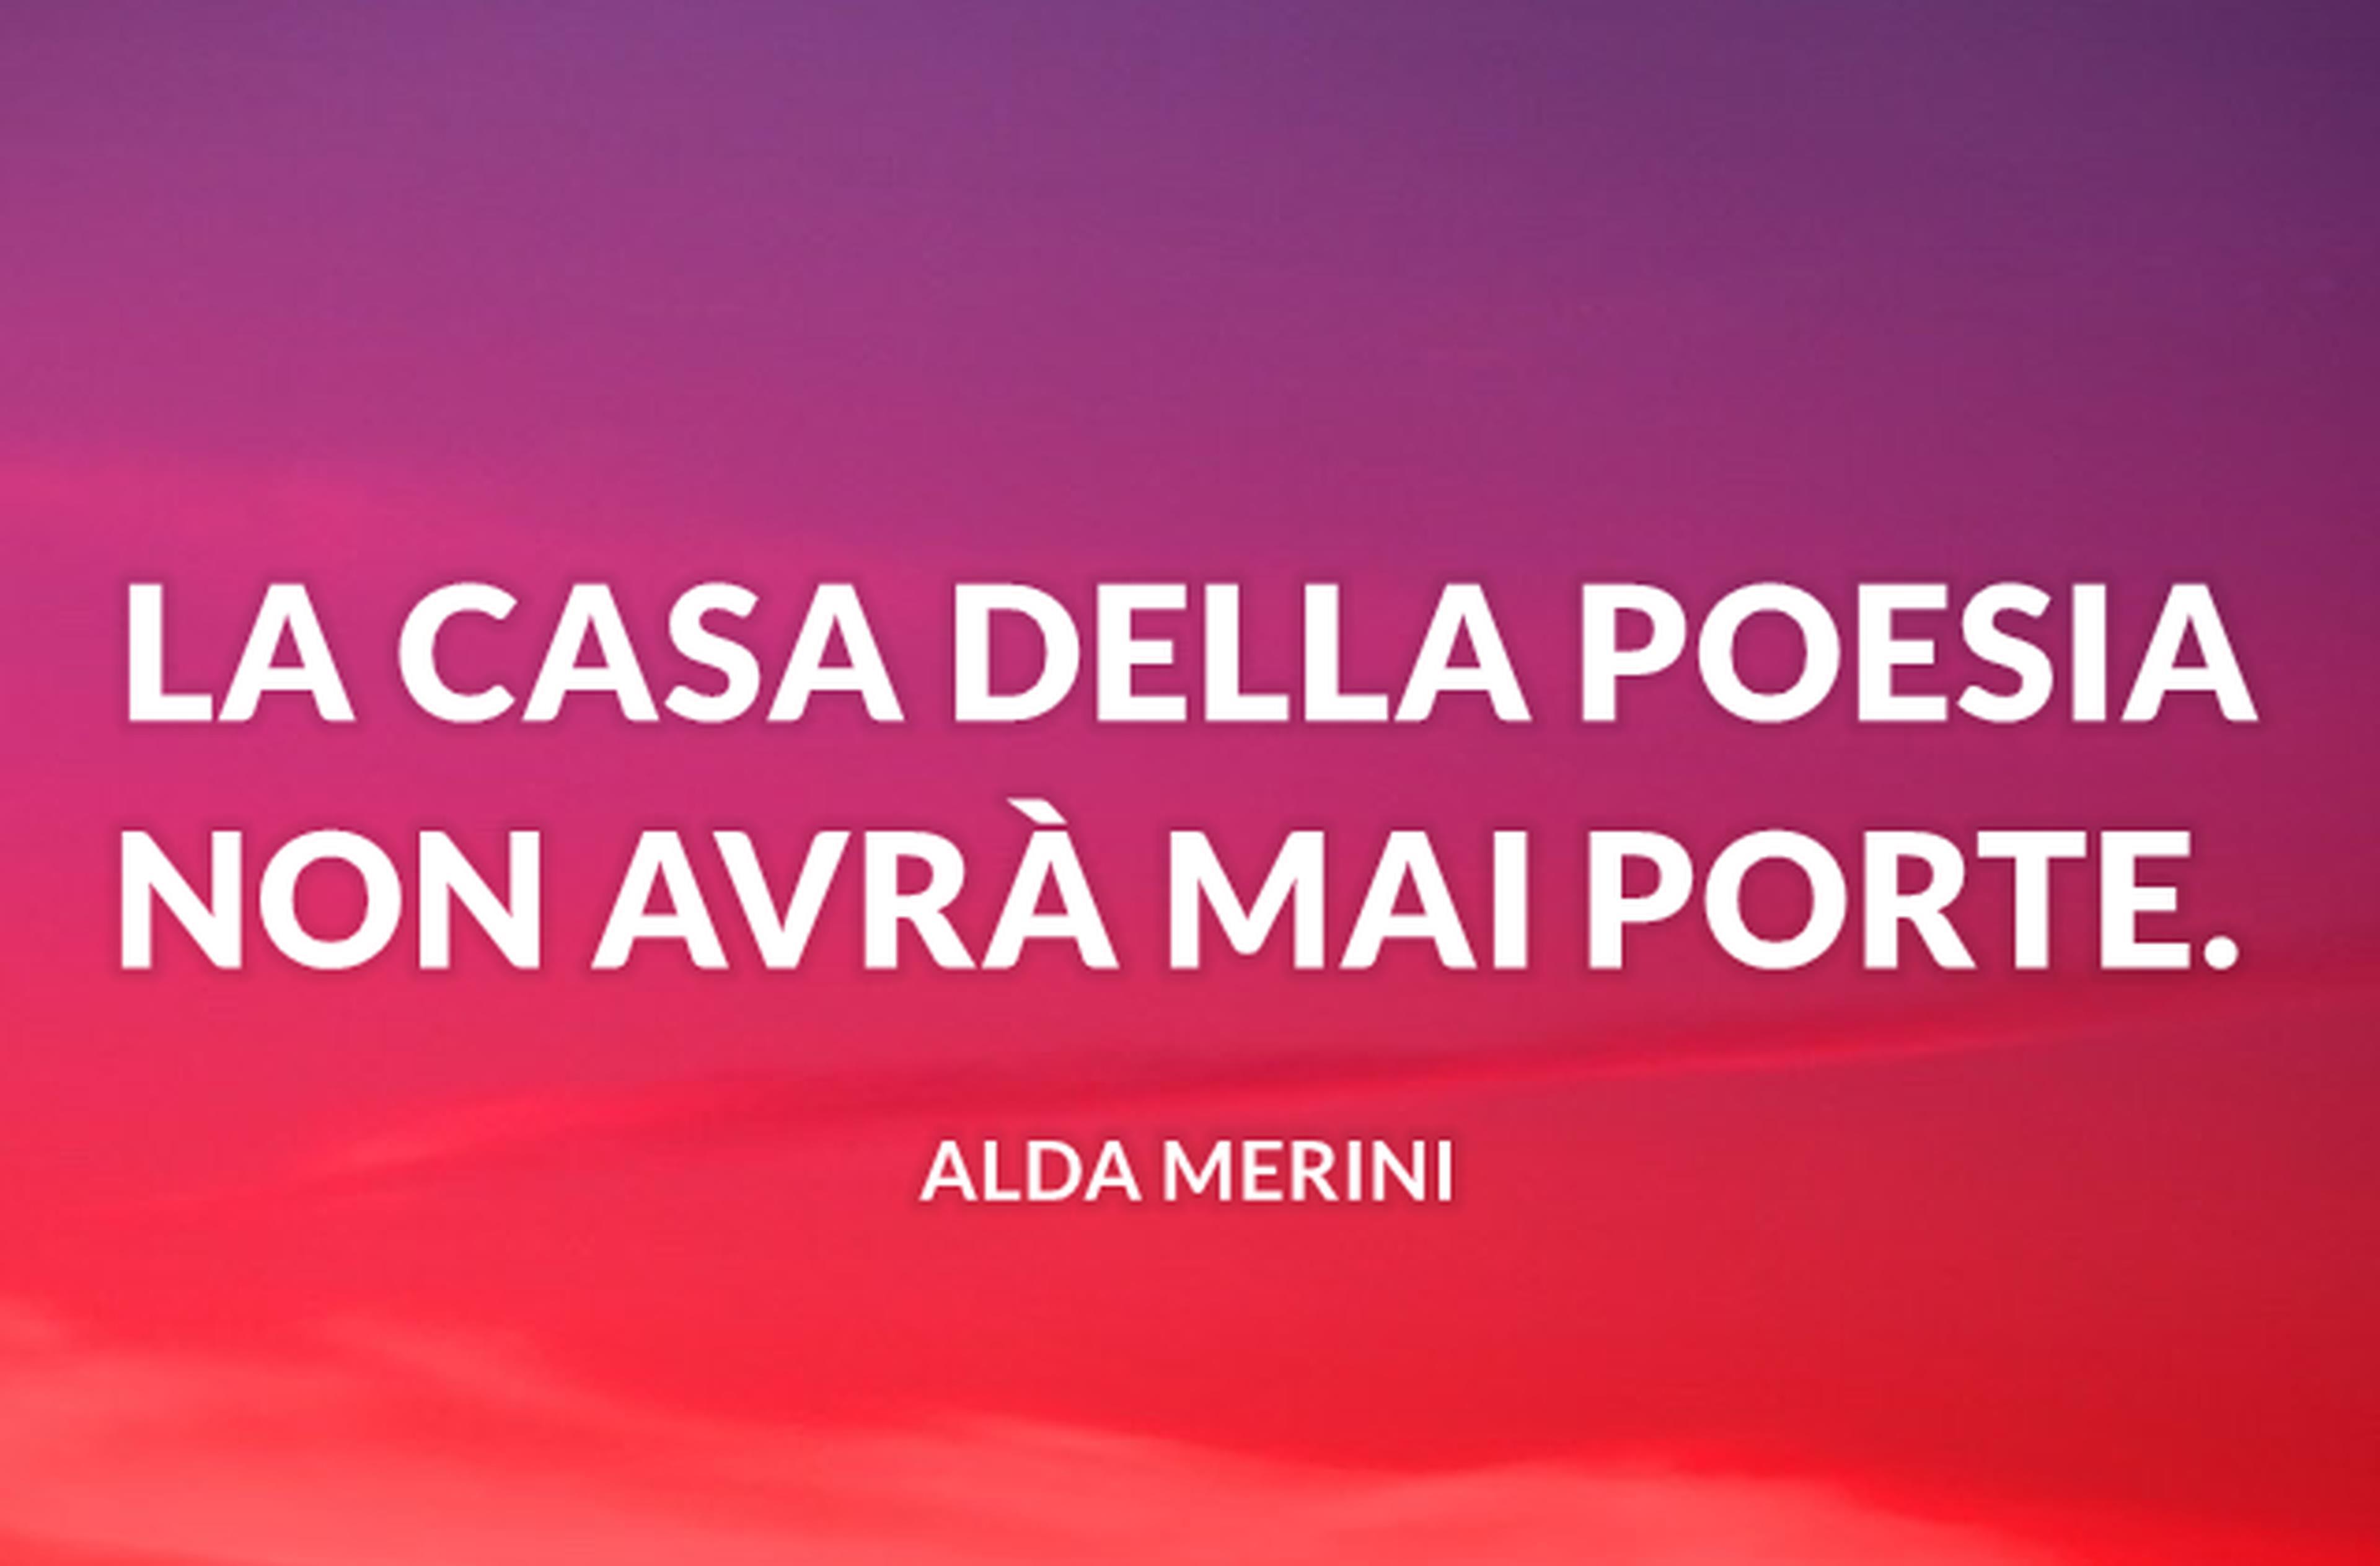 La casa della poesia non avrà mai porte